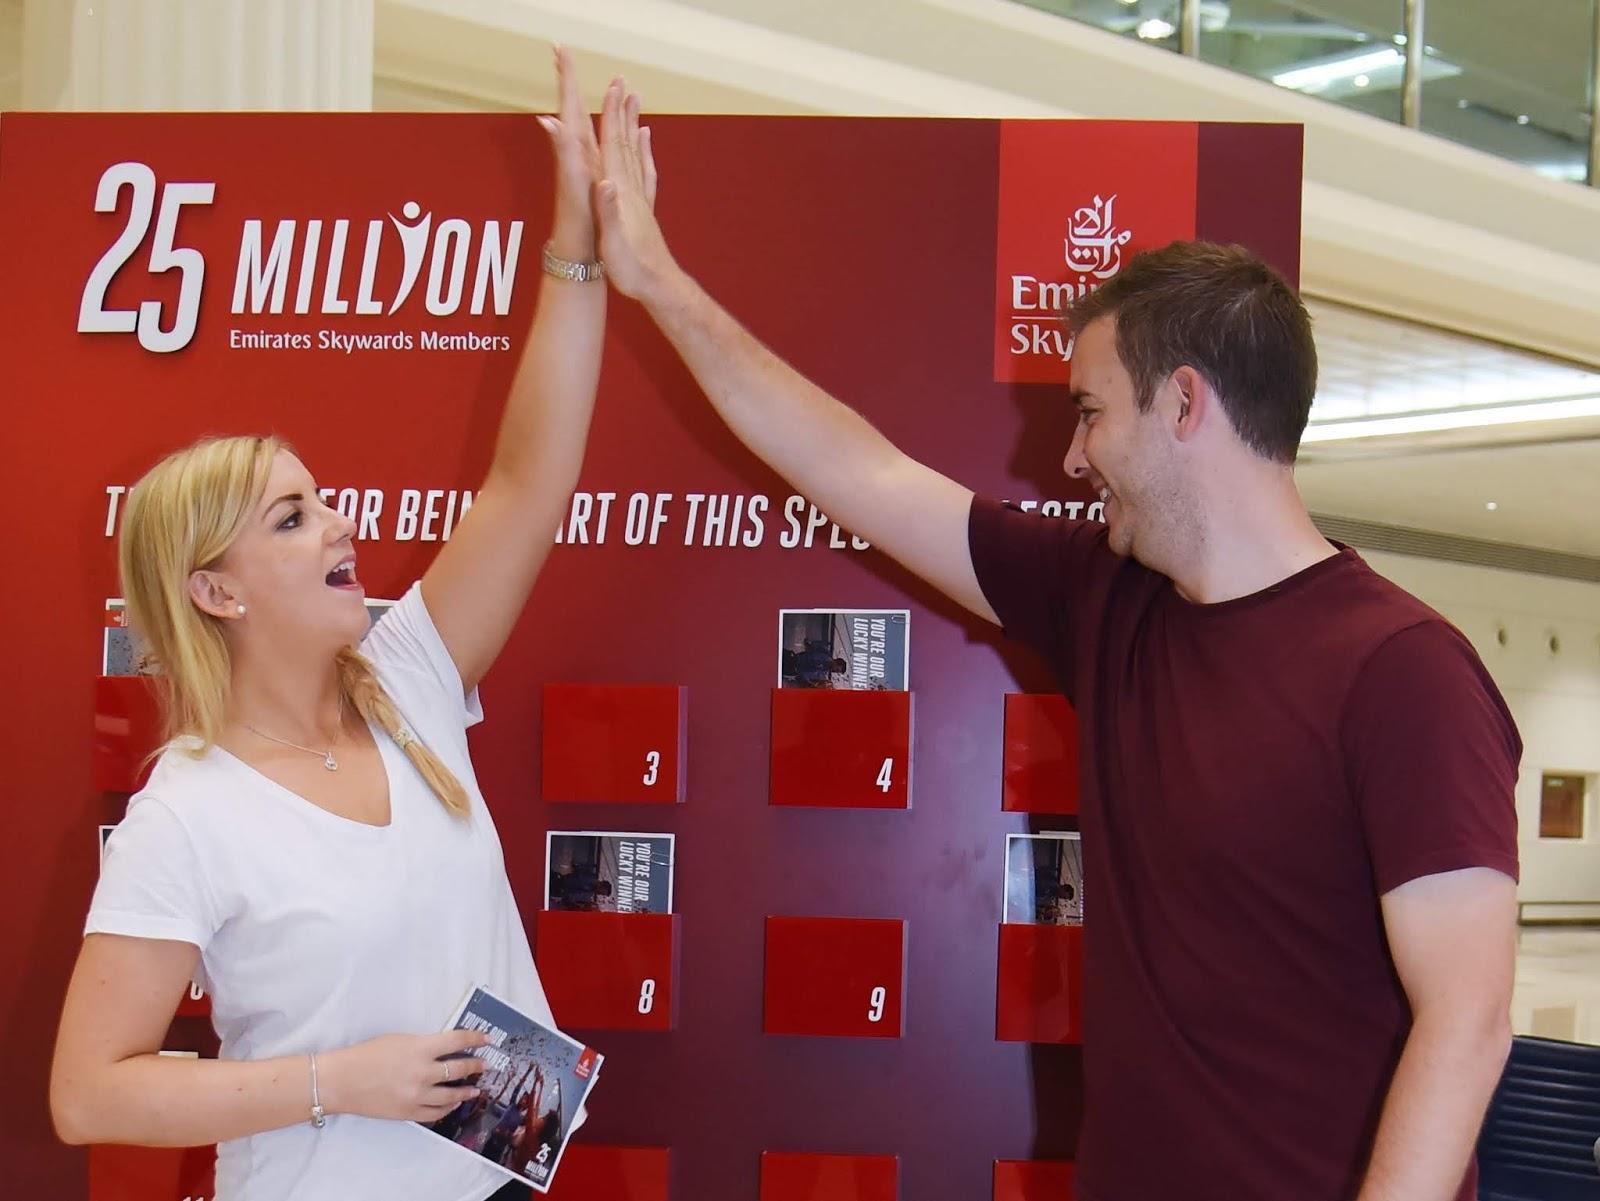 Emirates distribuiu prêmios para os seus 25 milhões de clientes | É MAIS QUE VOAR